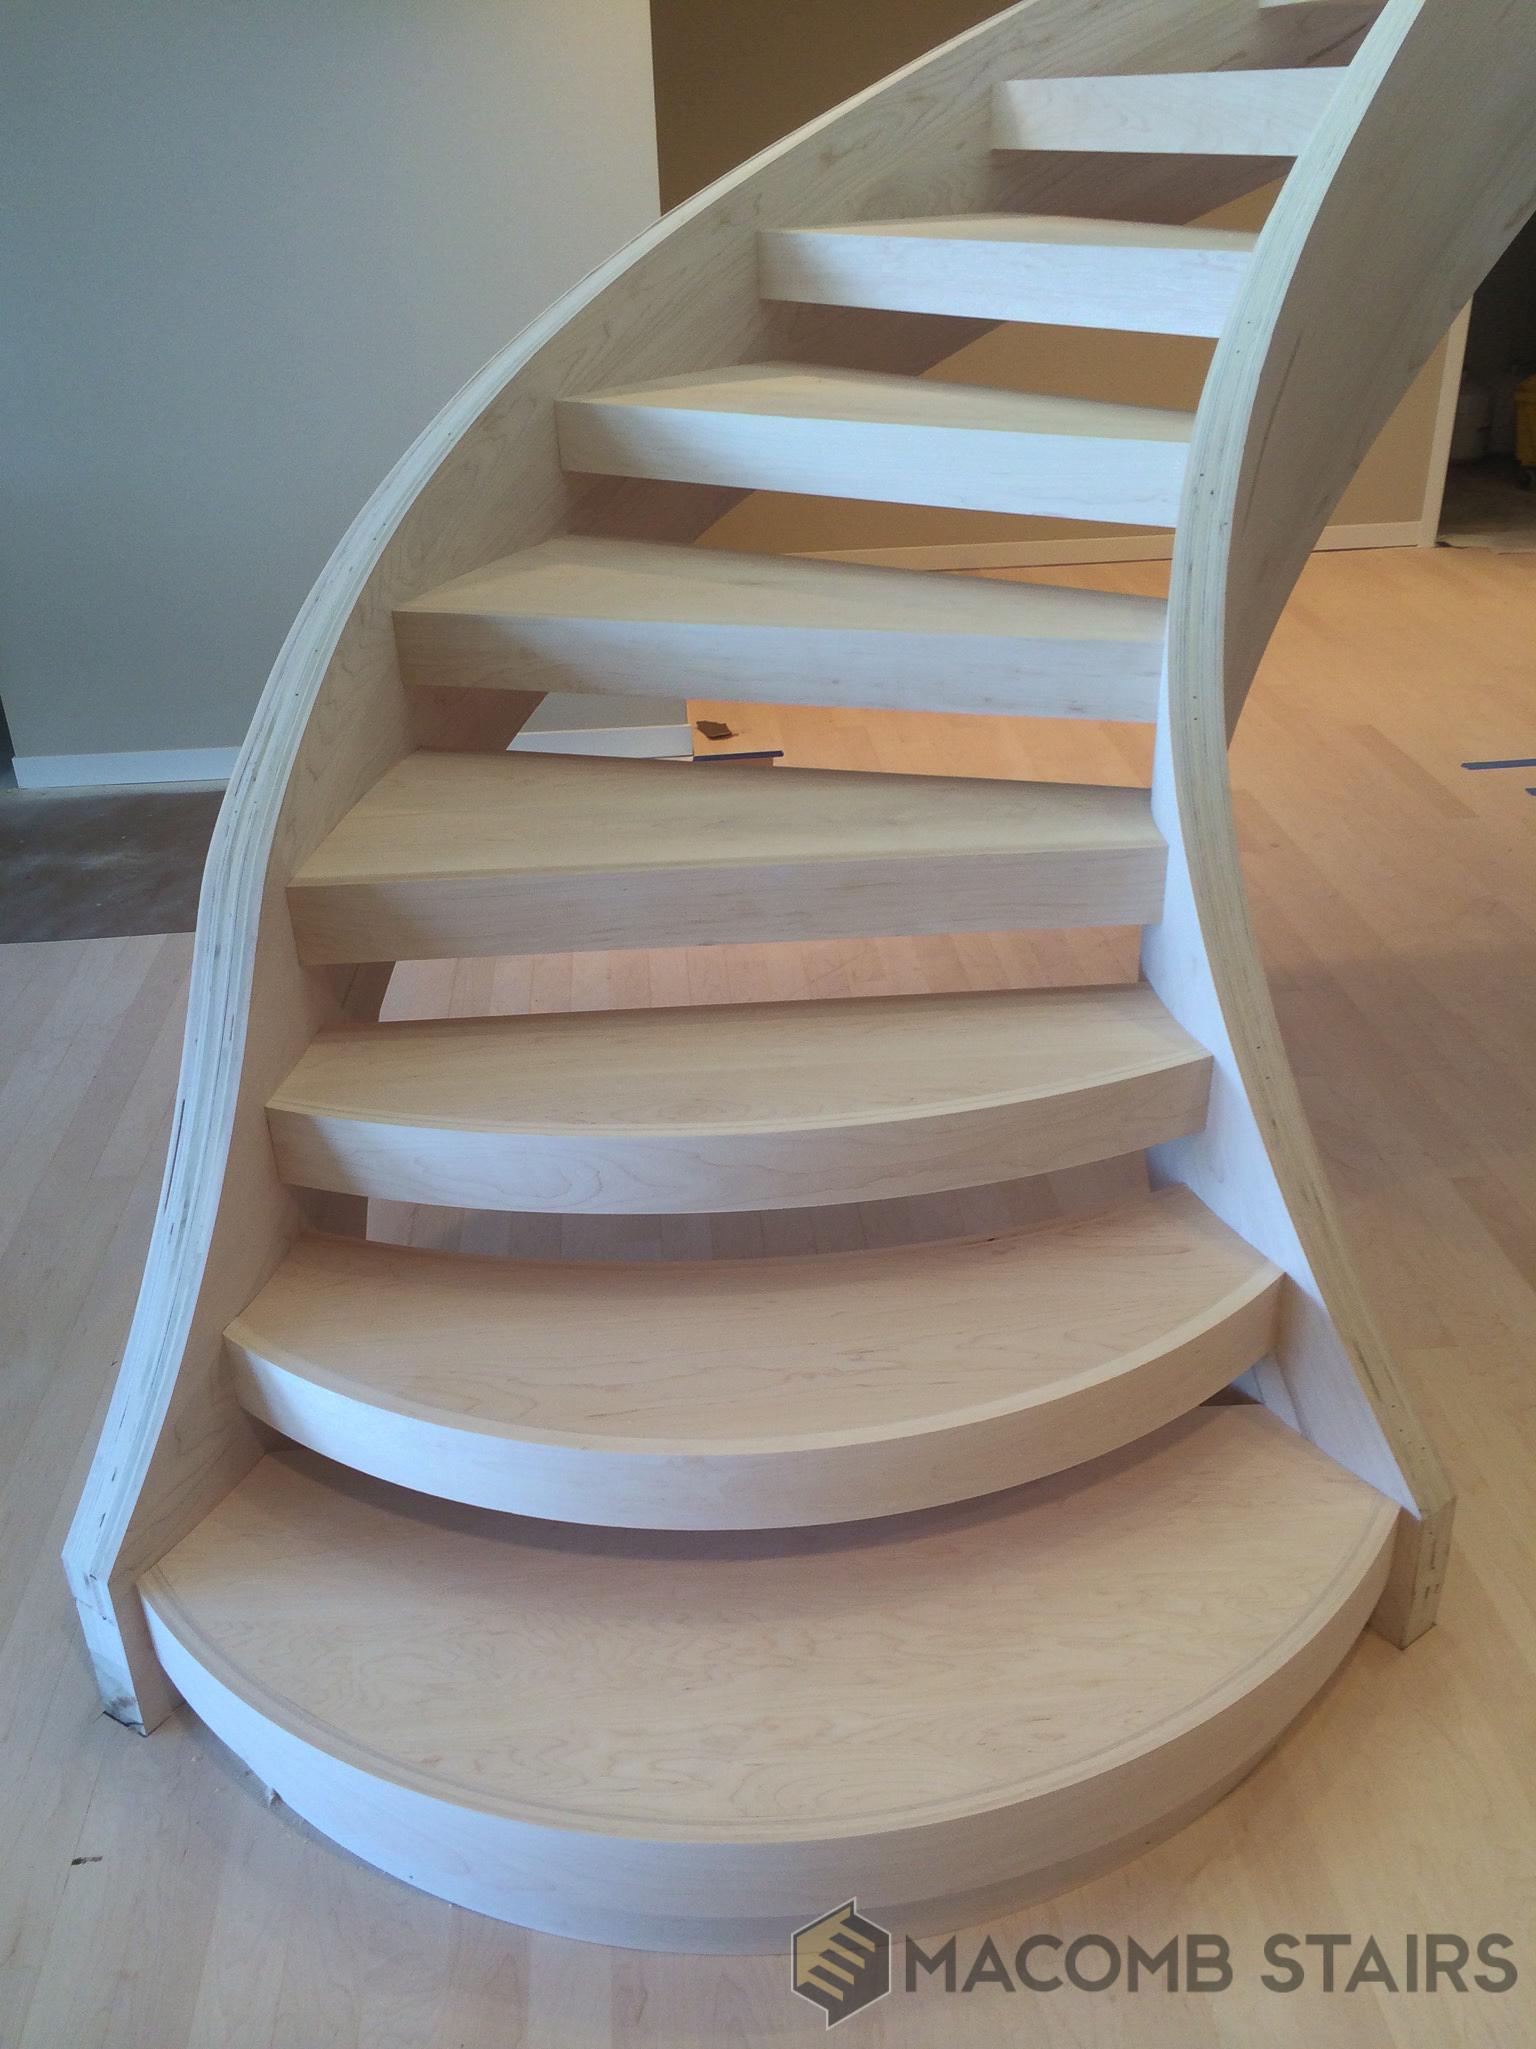 Macomb Stairs- Stair Photo-194.jpg